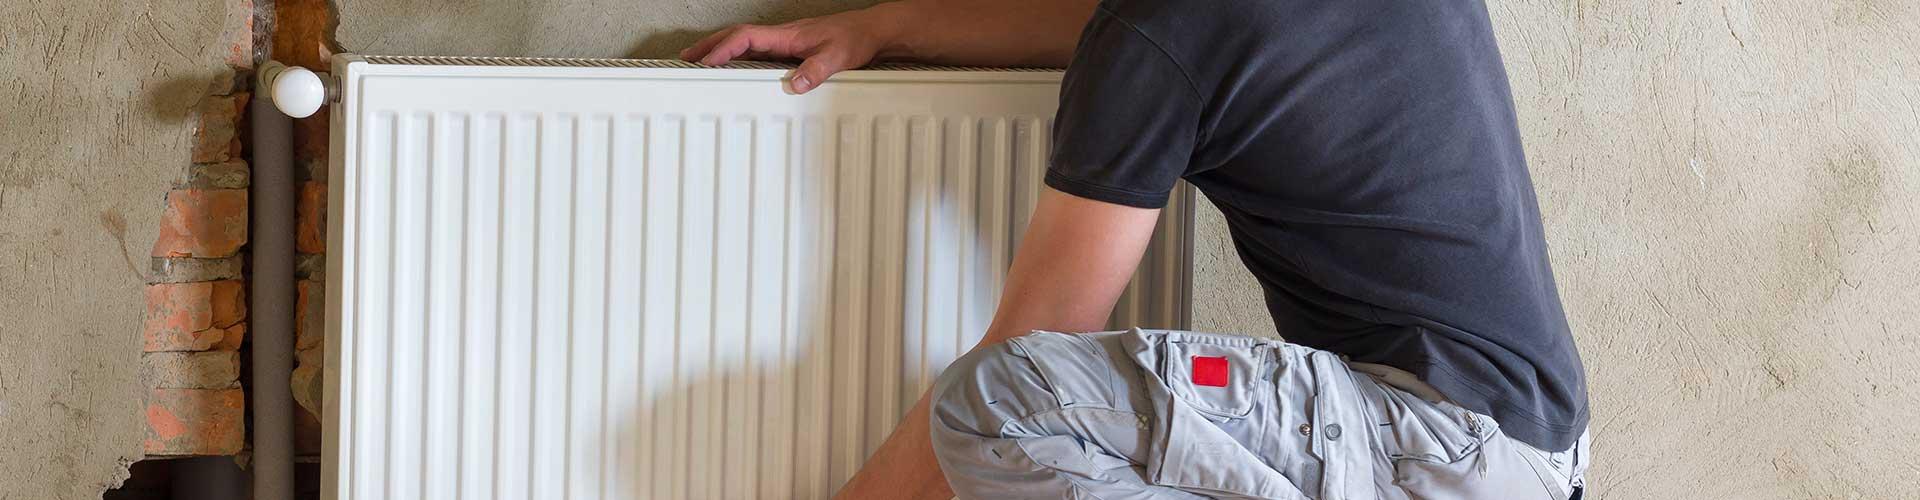 installation de système de chauffage Toulouse